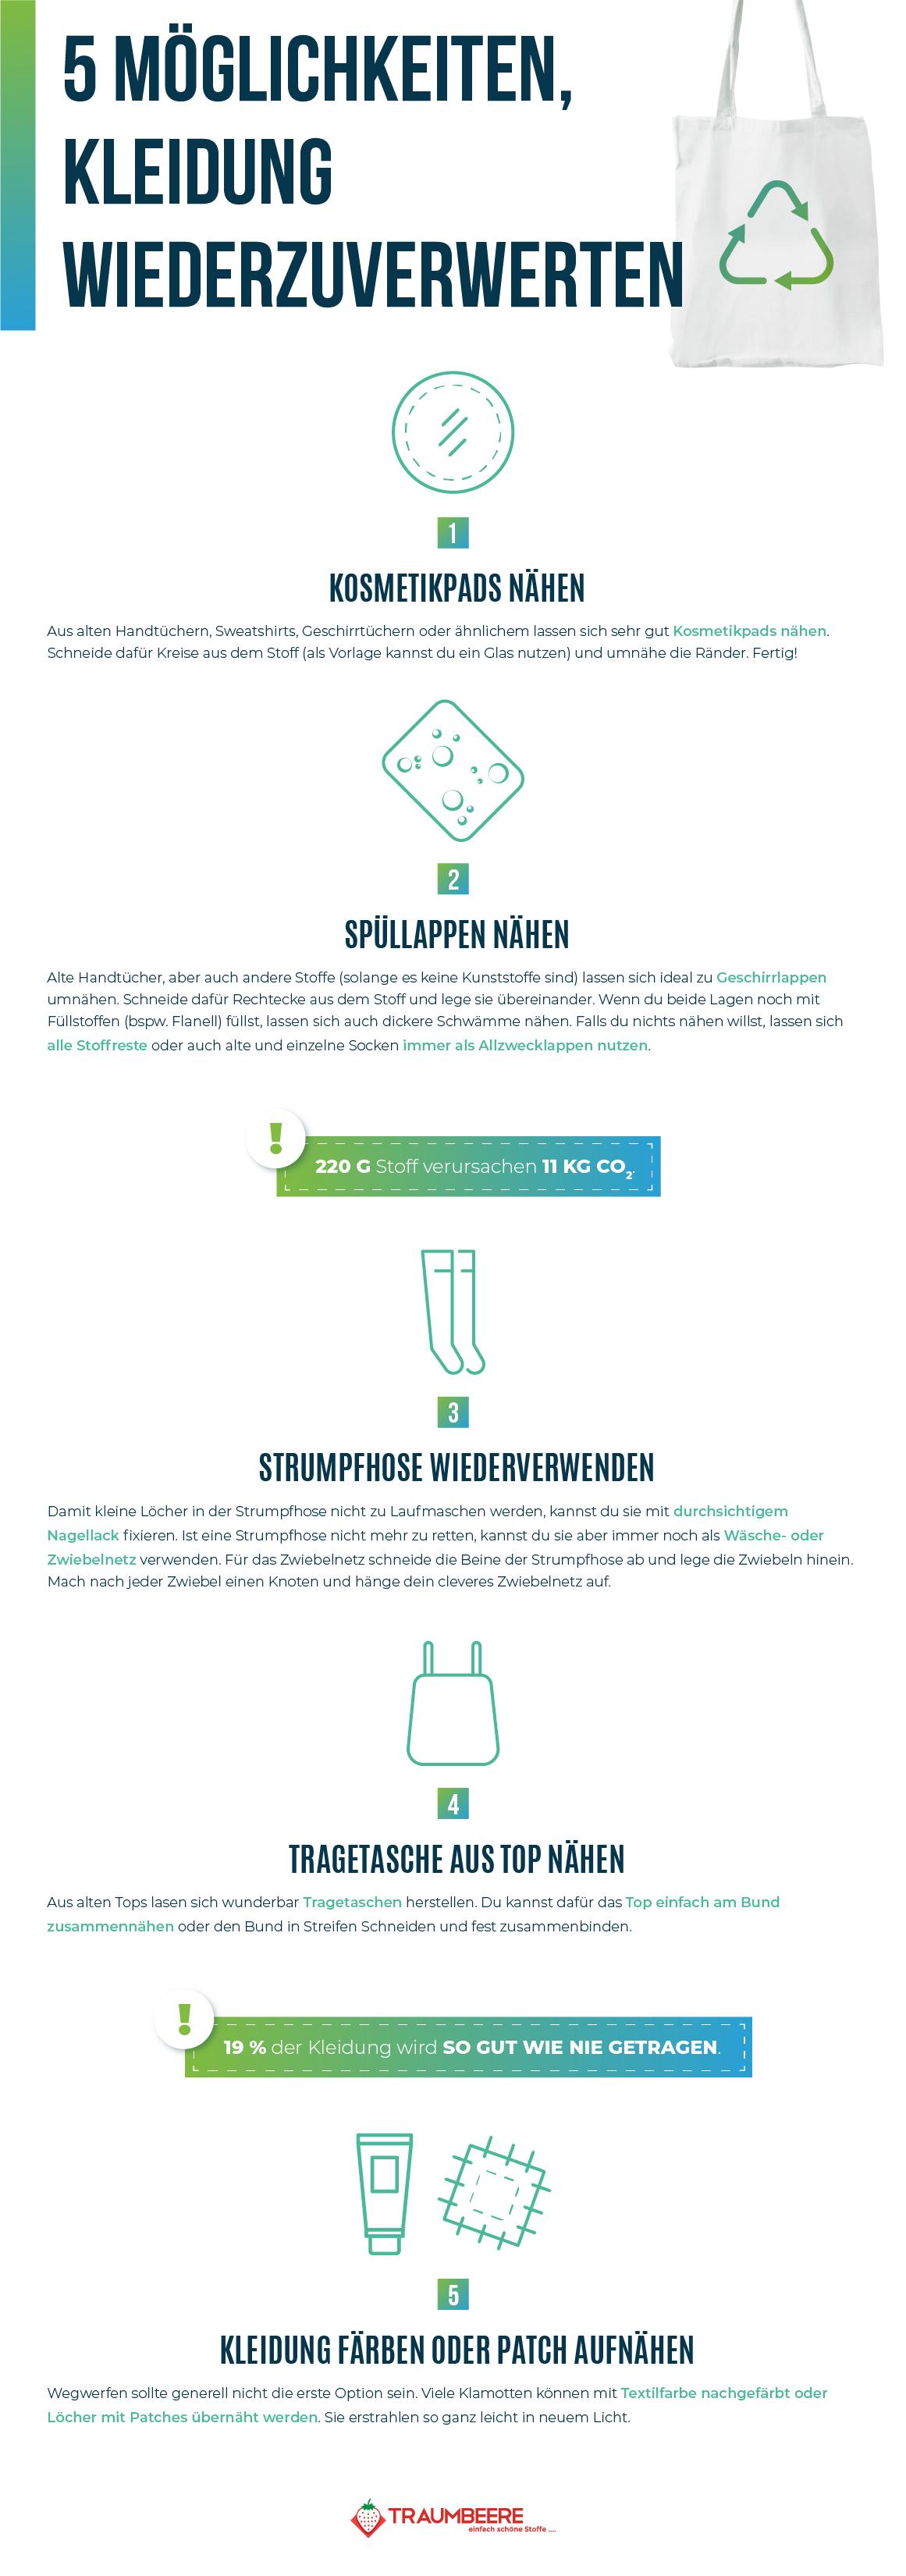 5 Möglichkeiten, Kleidung wiederzuverwerten